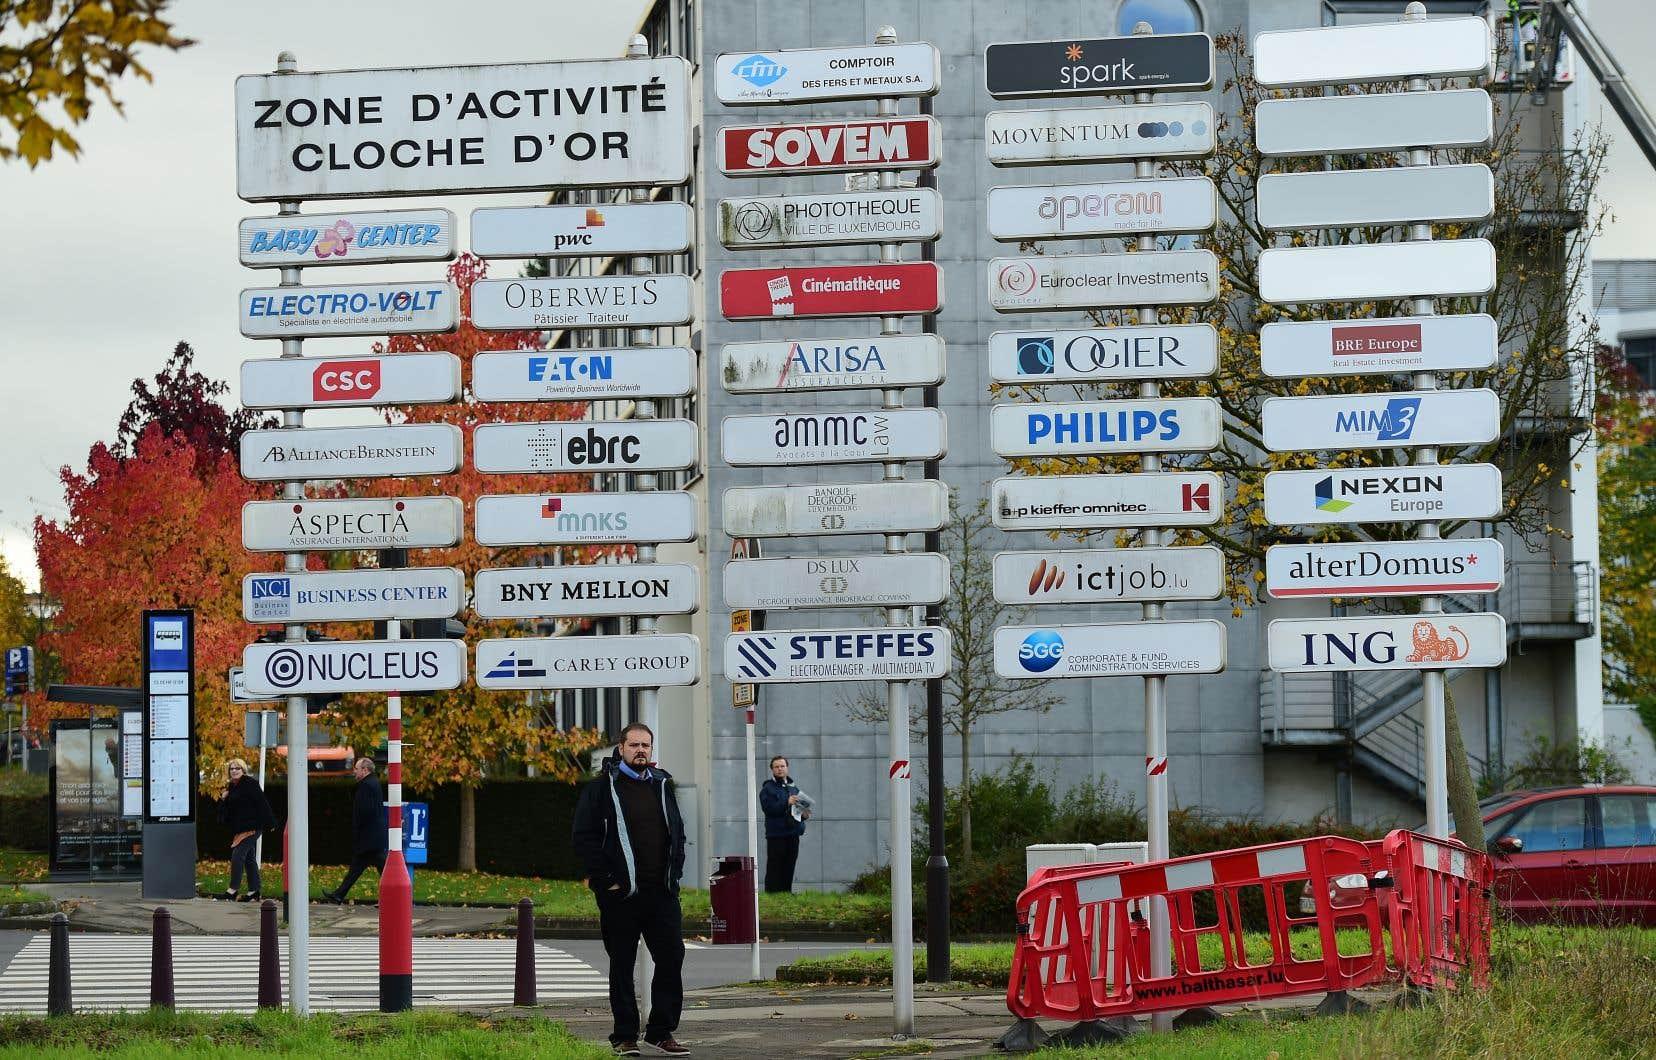 Le Luxembourg compte parmi les destinations les plus prisées par les Canadiens désireux de se mettre à l'abri du fisc.